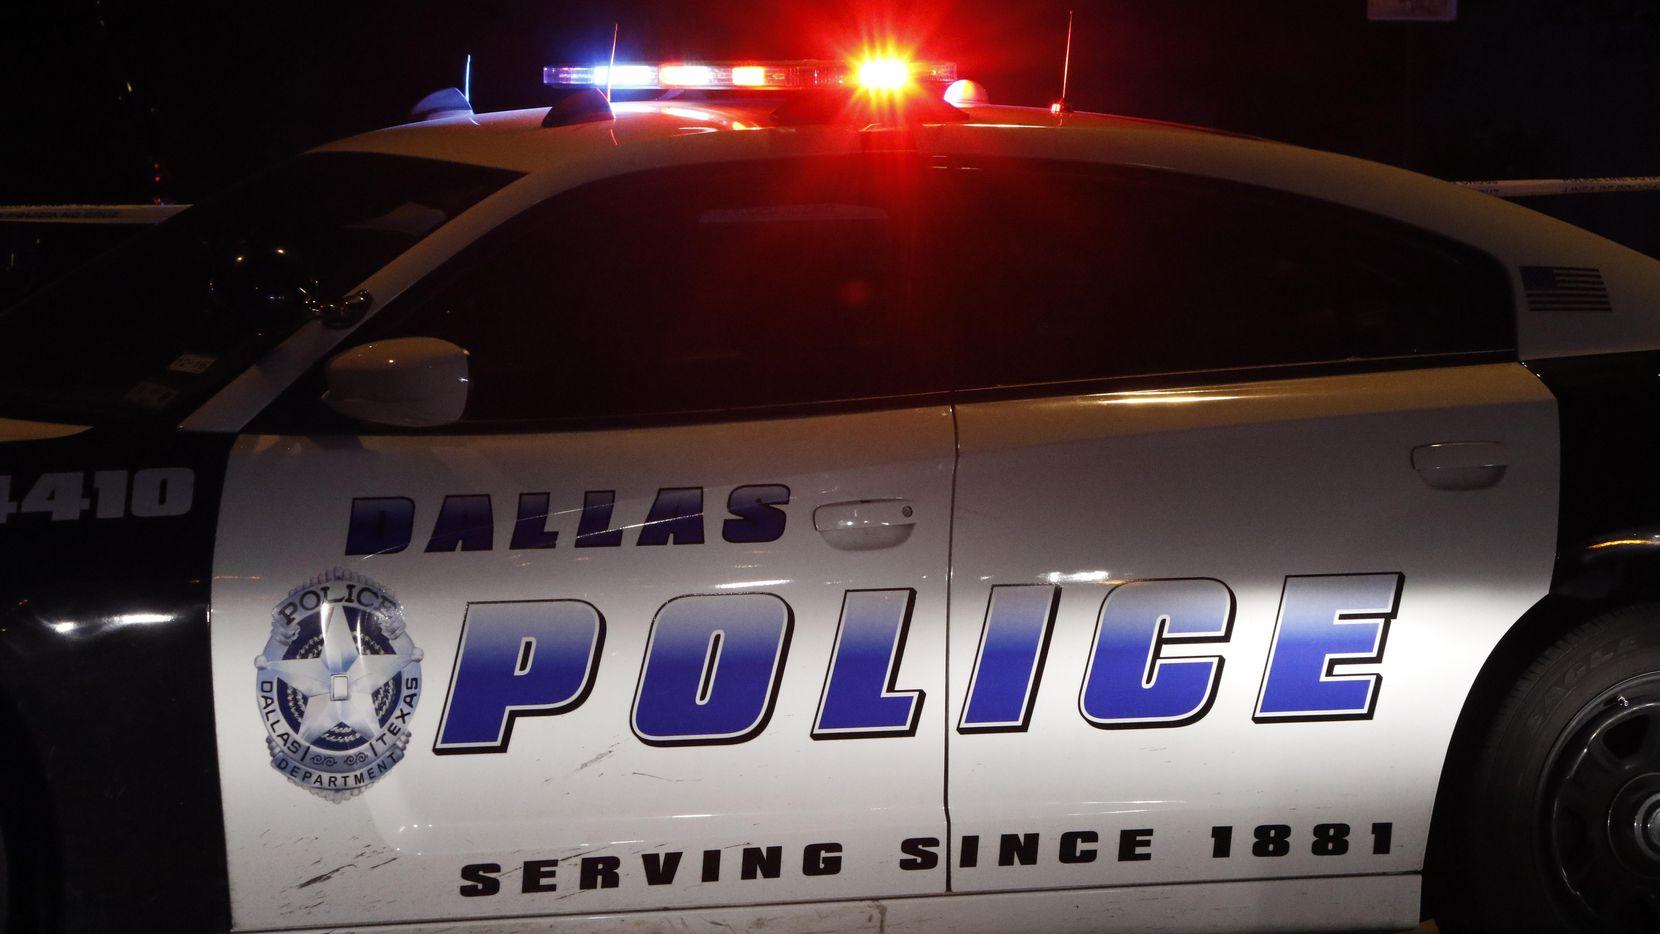 Una patrulla de la Policía de Dallas. (DMN/IRWIN THOMPSON)